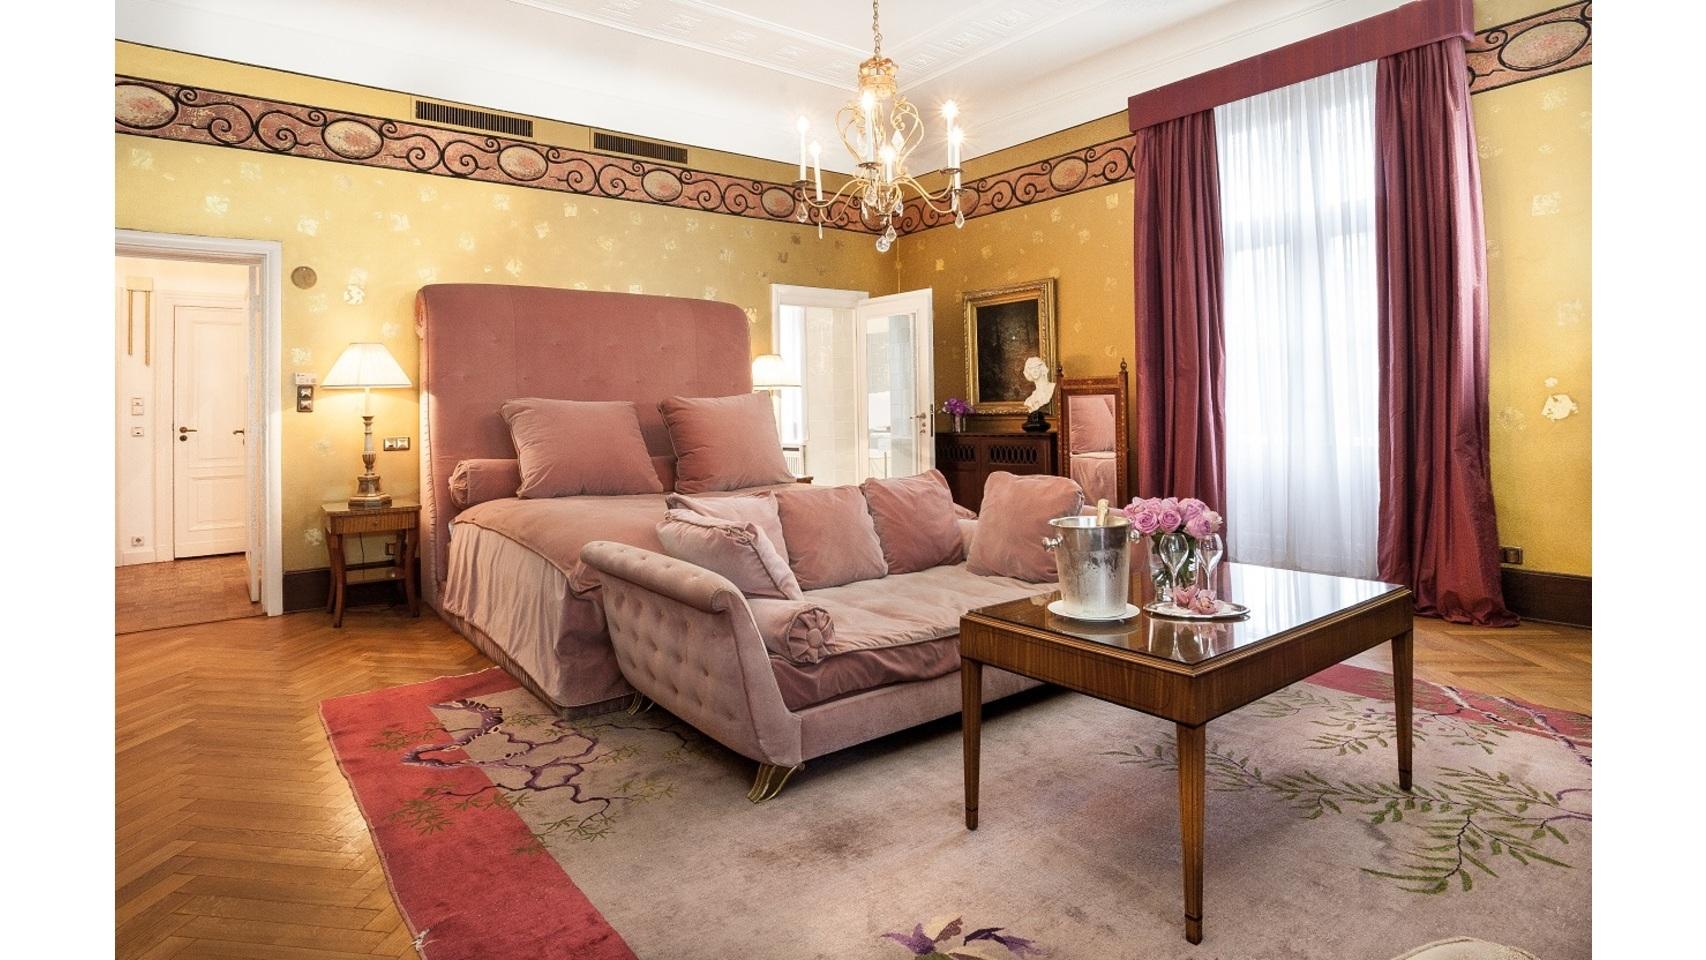 Diseñado por Karl Lagerfeld. Schlosshotel en Grunewald, Berlín.